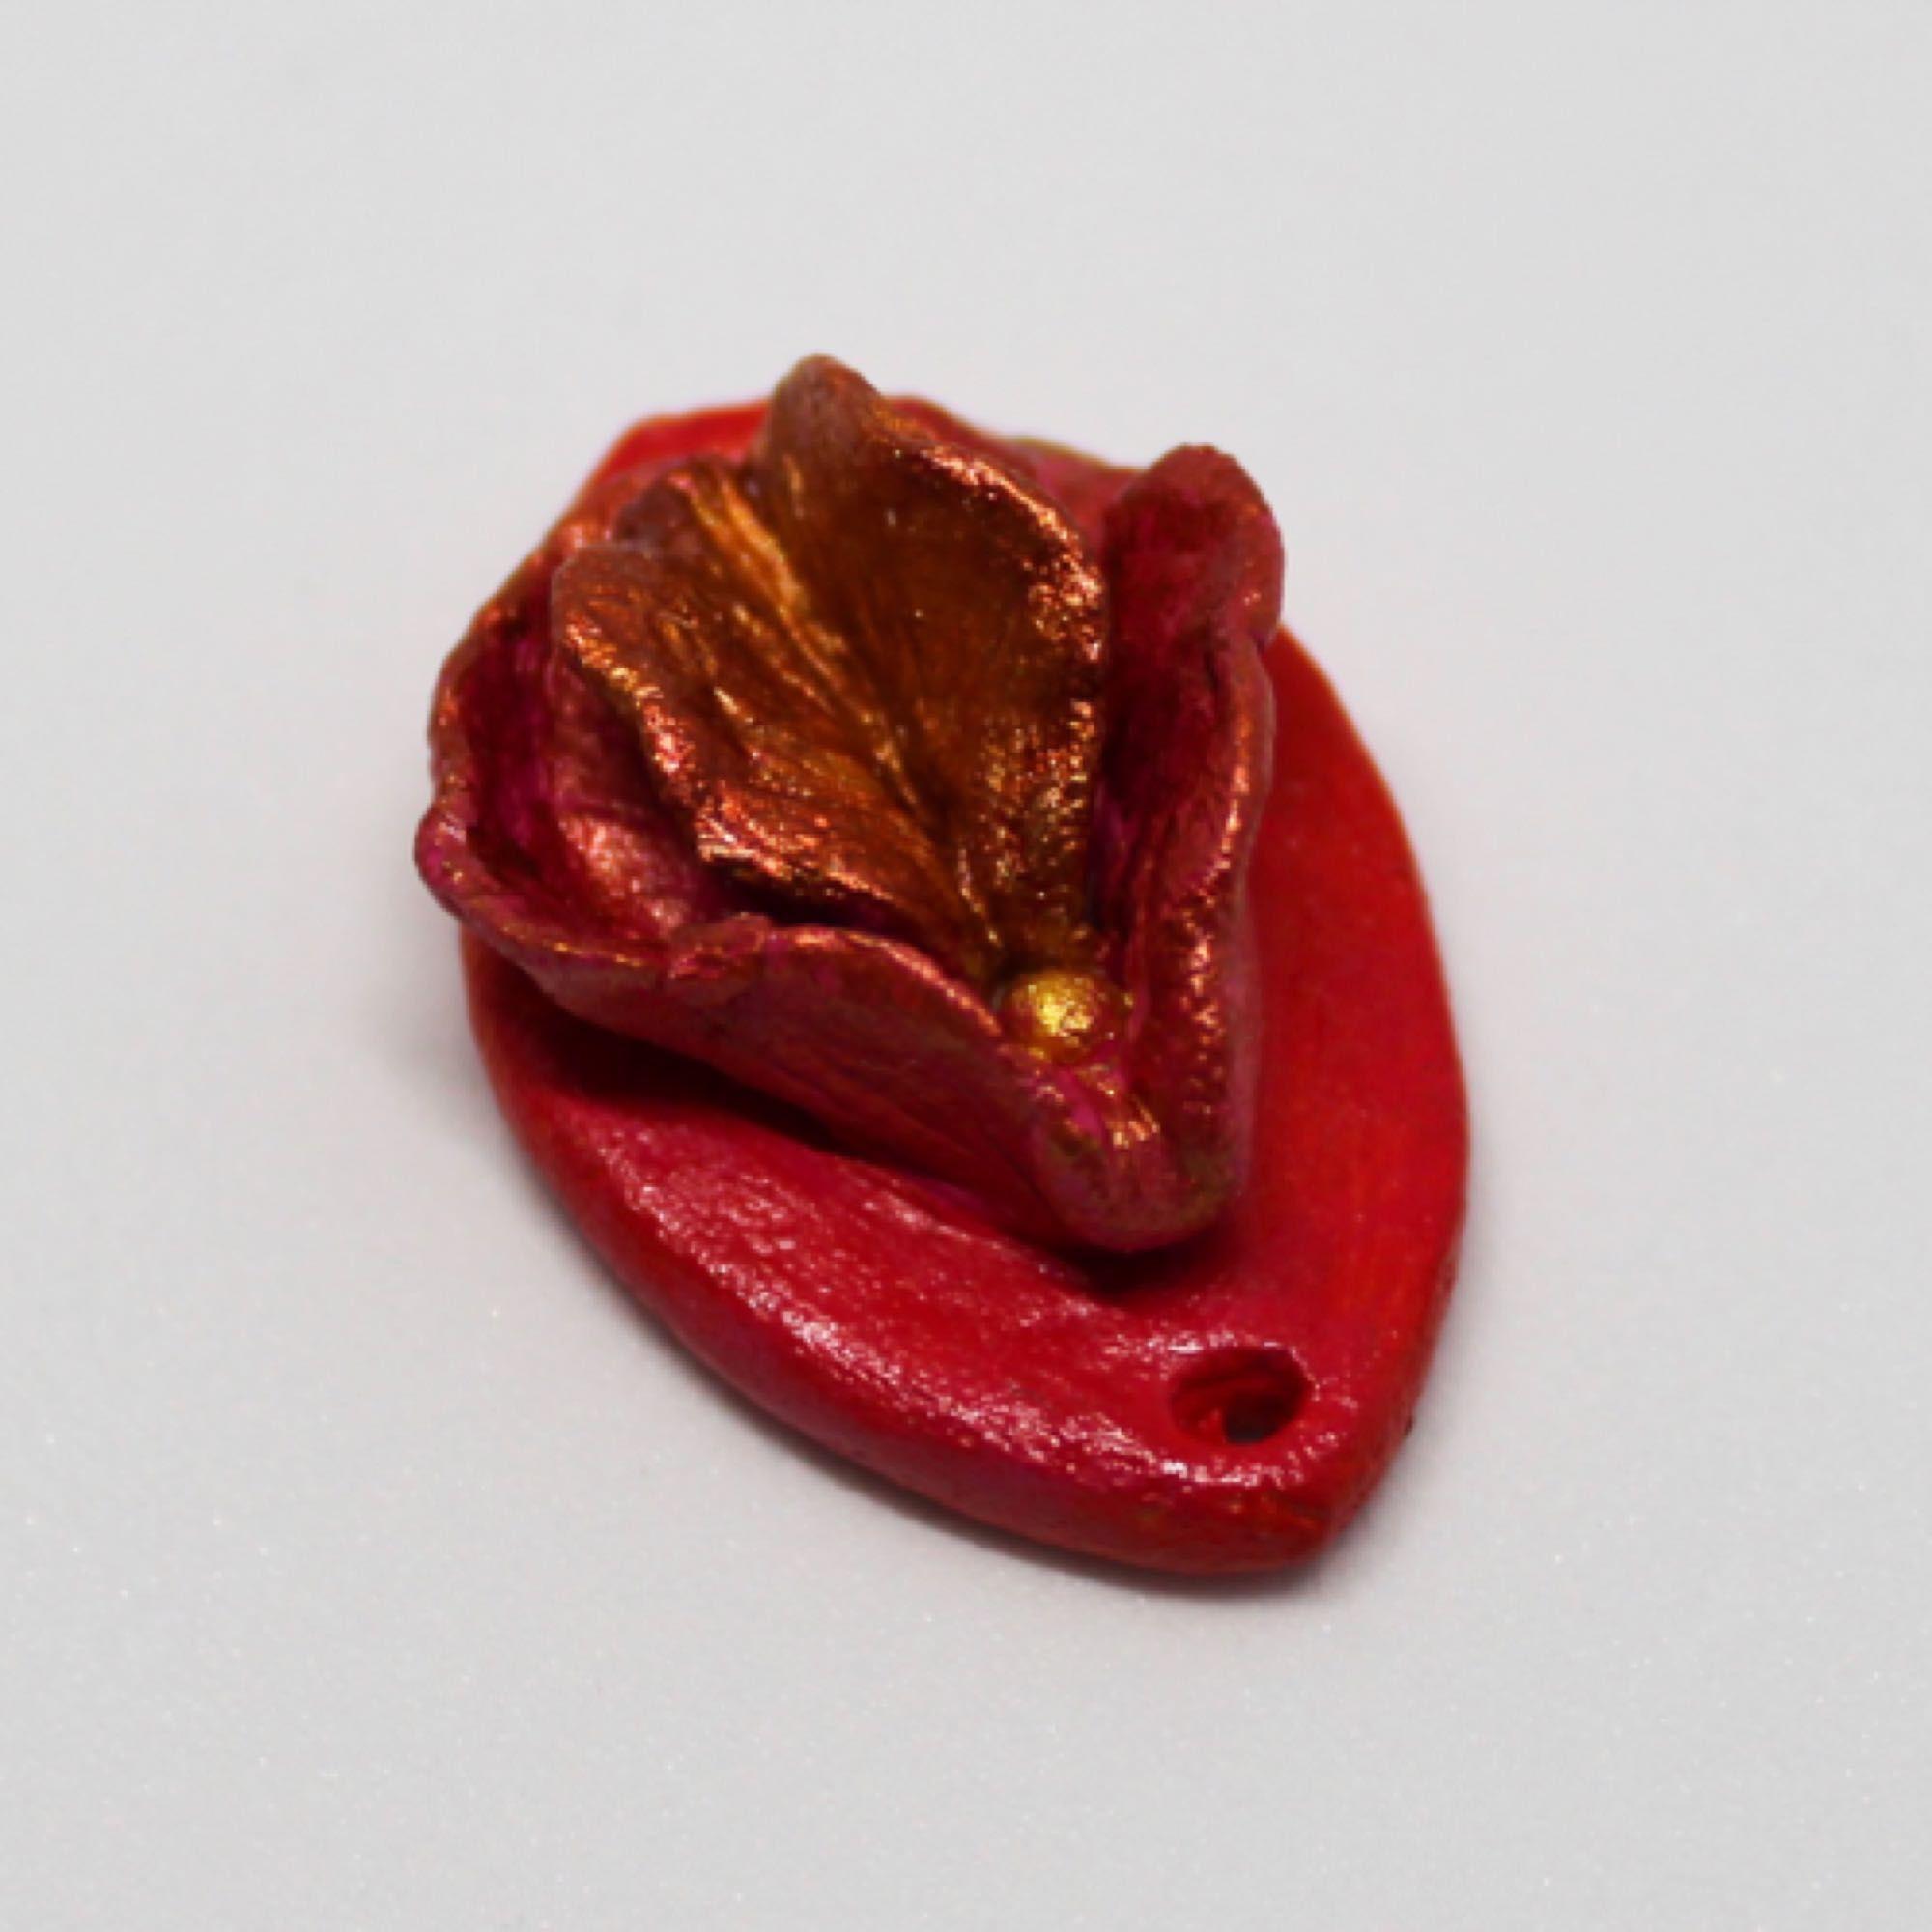 Liten vulva i lera. Mått 28mm x 18mm. Kedja eller